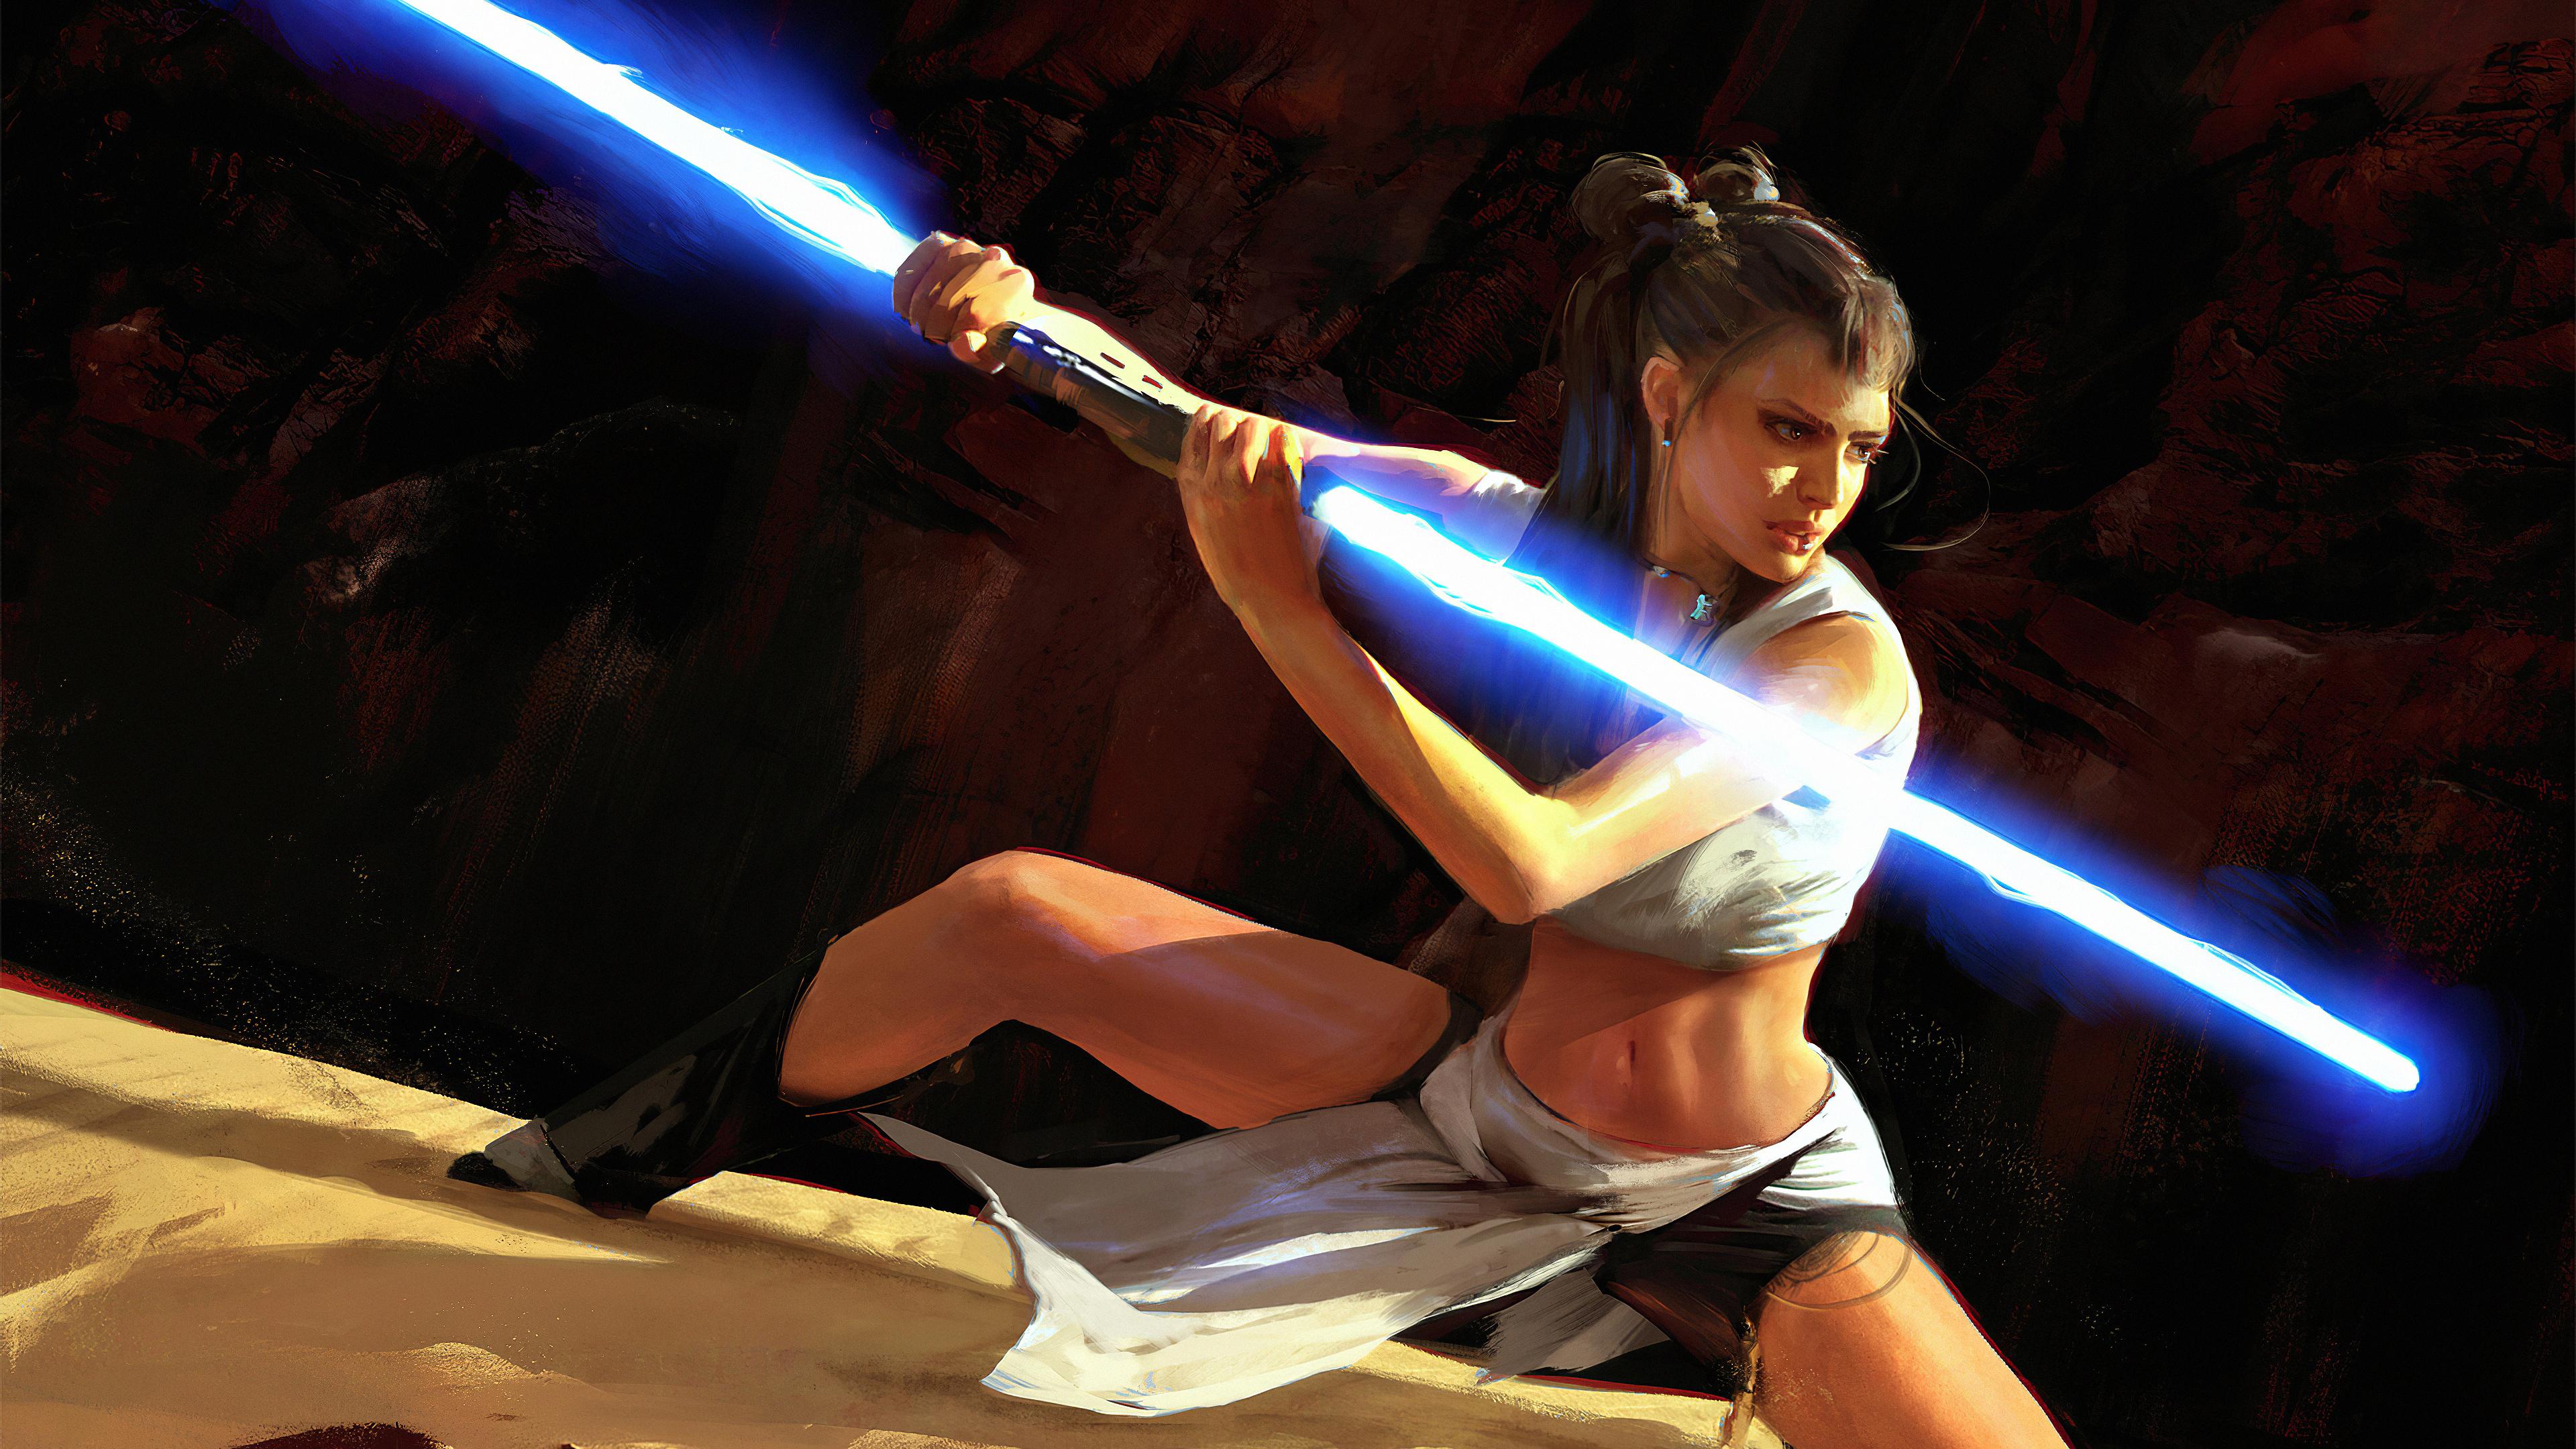 light saber girl 1578254805 - Light Saber Girl -